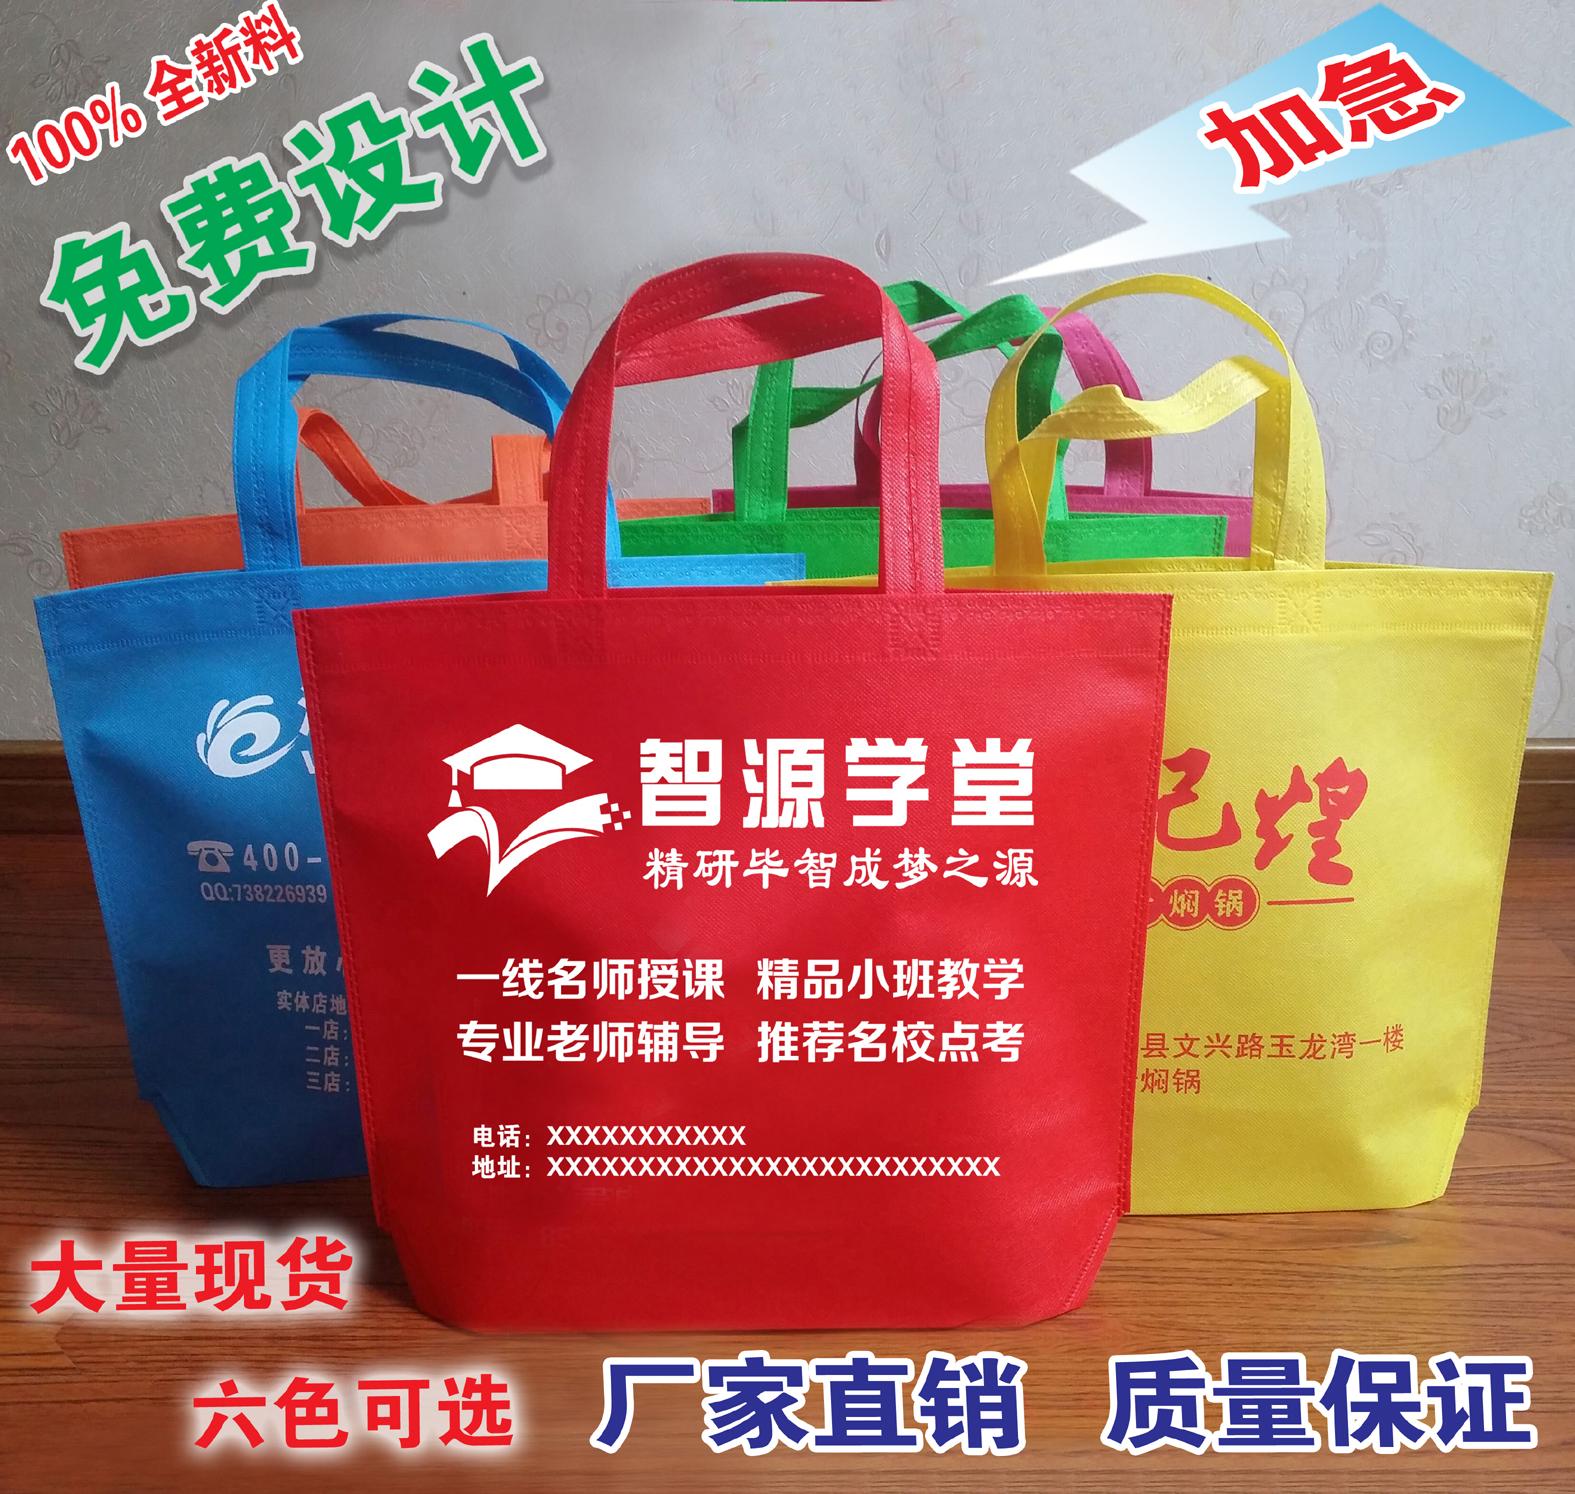 Ткань мешок сделанный на заказ охрана окружающей среды сумок сын стандарт холст ридикюль может печатные logo квартира мешок индивидуальный